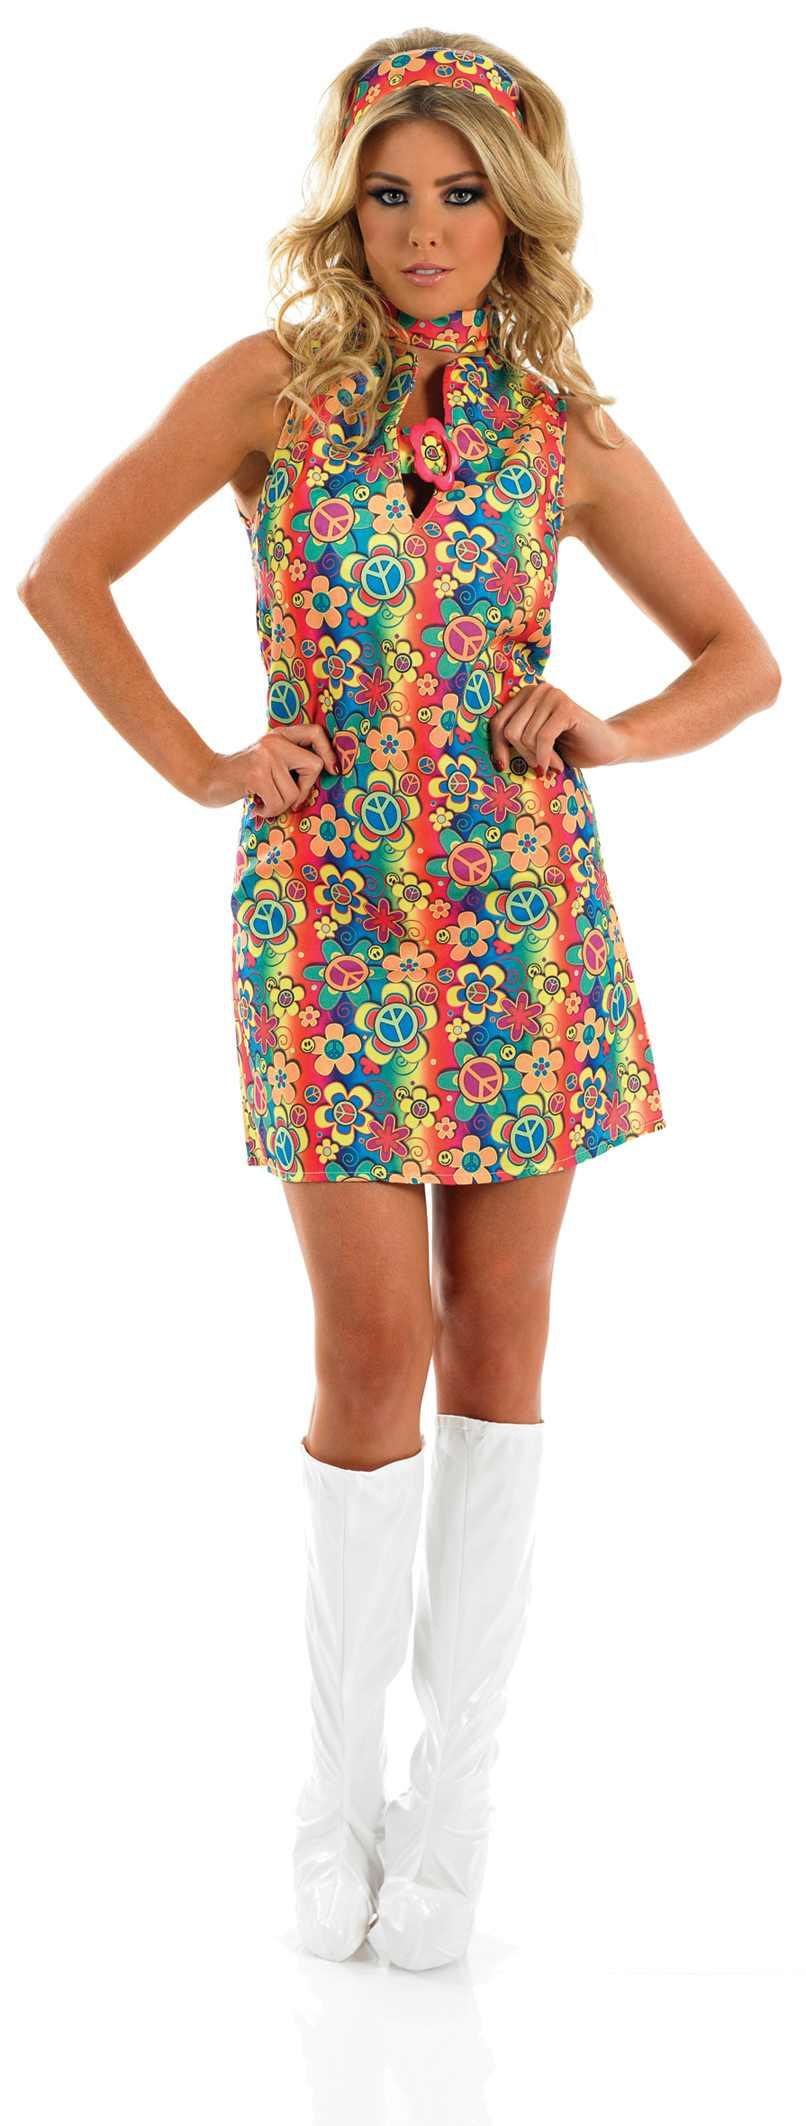 Luxury Ladies Sexy Hippie Girl Dress  Women39s Retro 60s Costumes